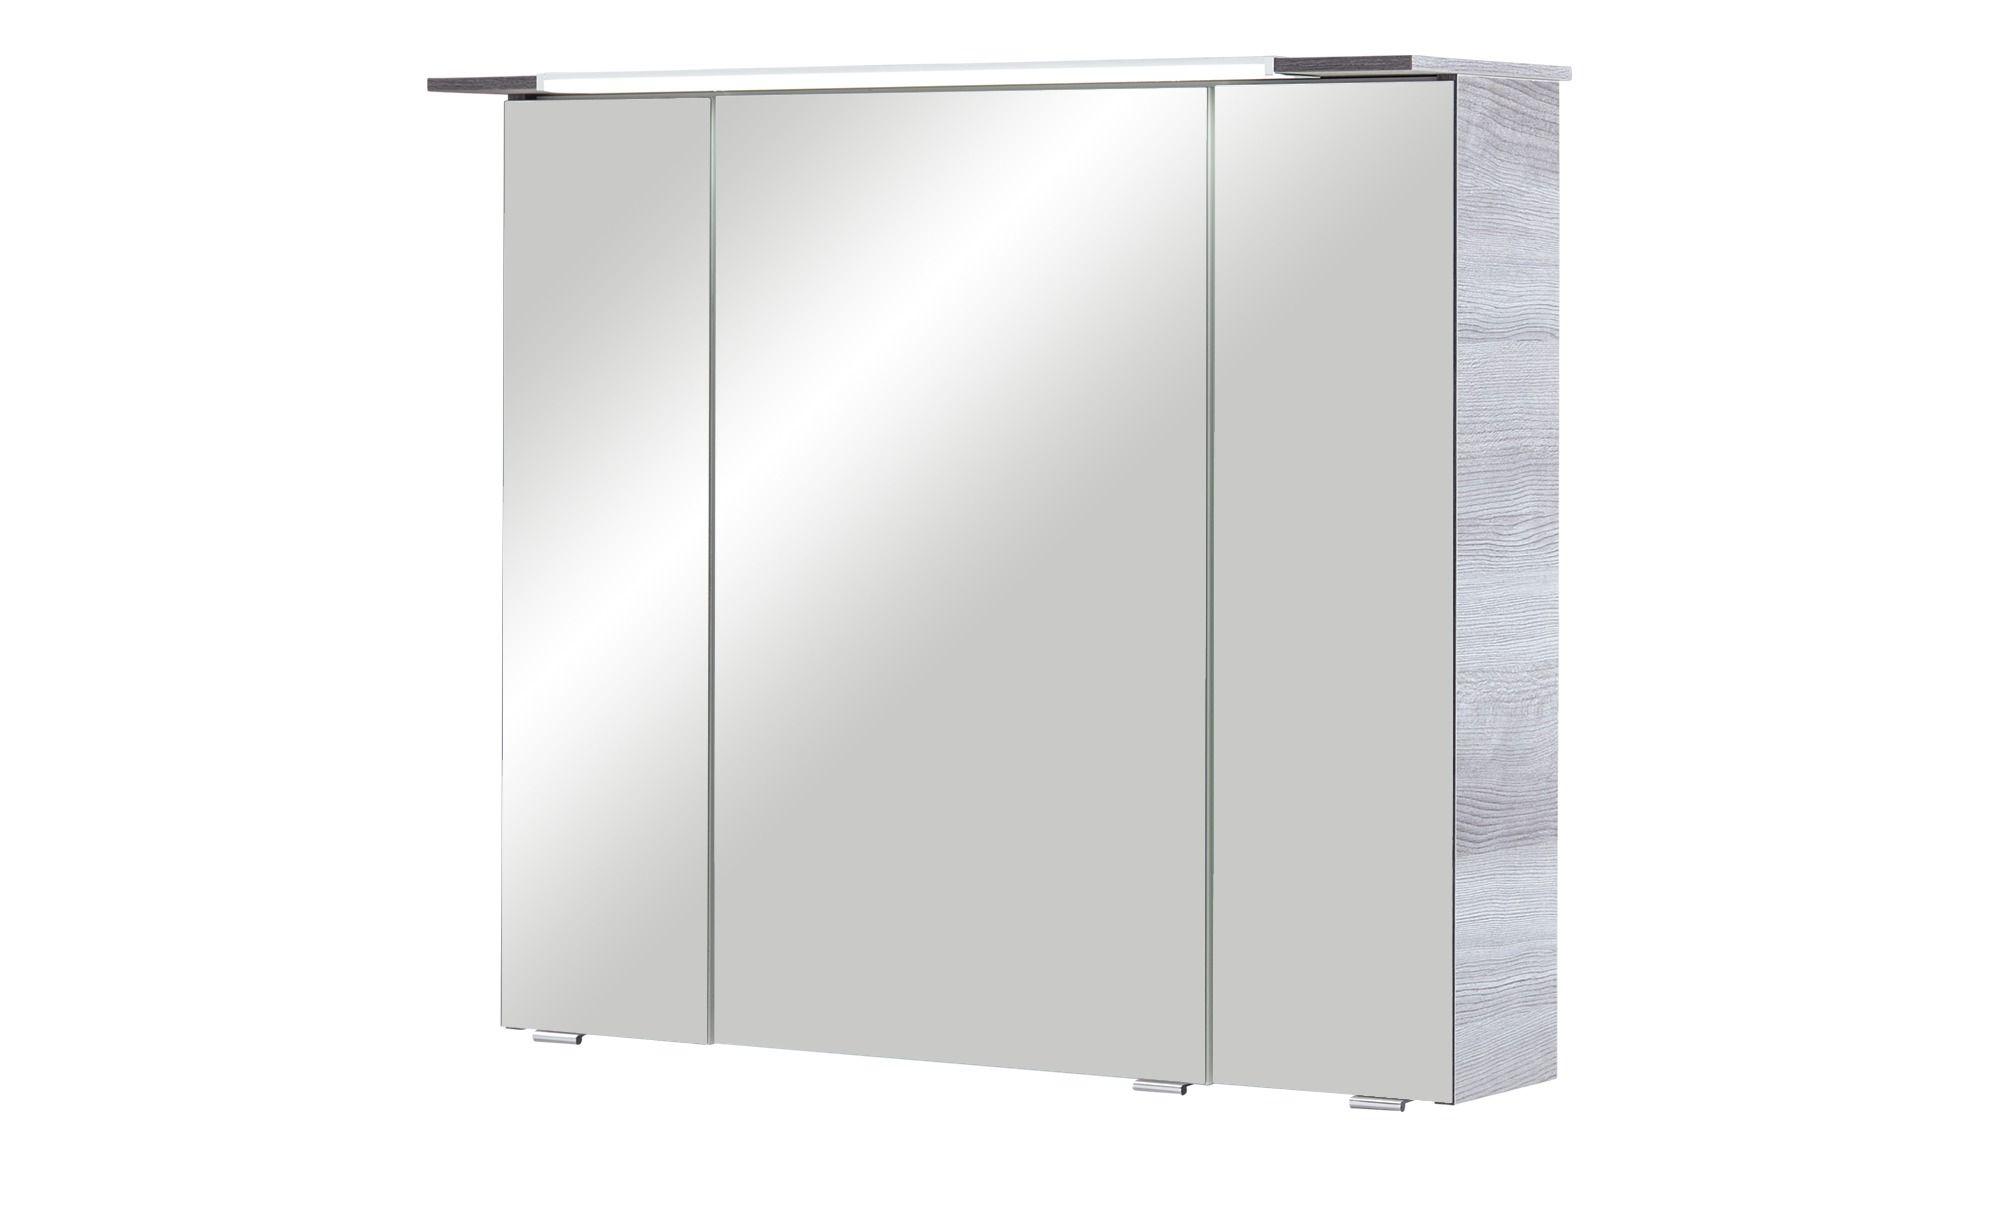 Brilliant Badunterschränke Referenz Von Smart Bad-spiegelschrank Onda ¦ Weiß ¦ Maße